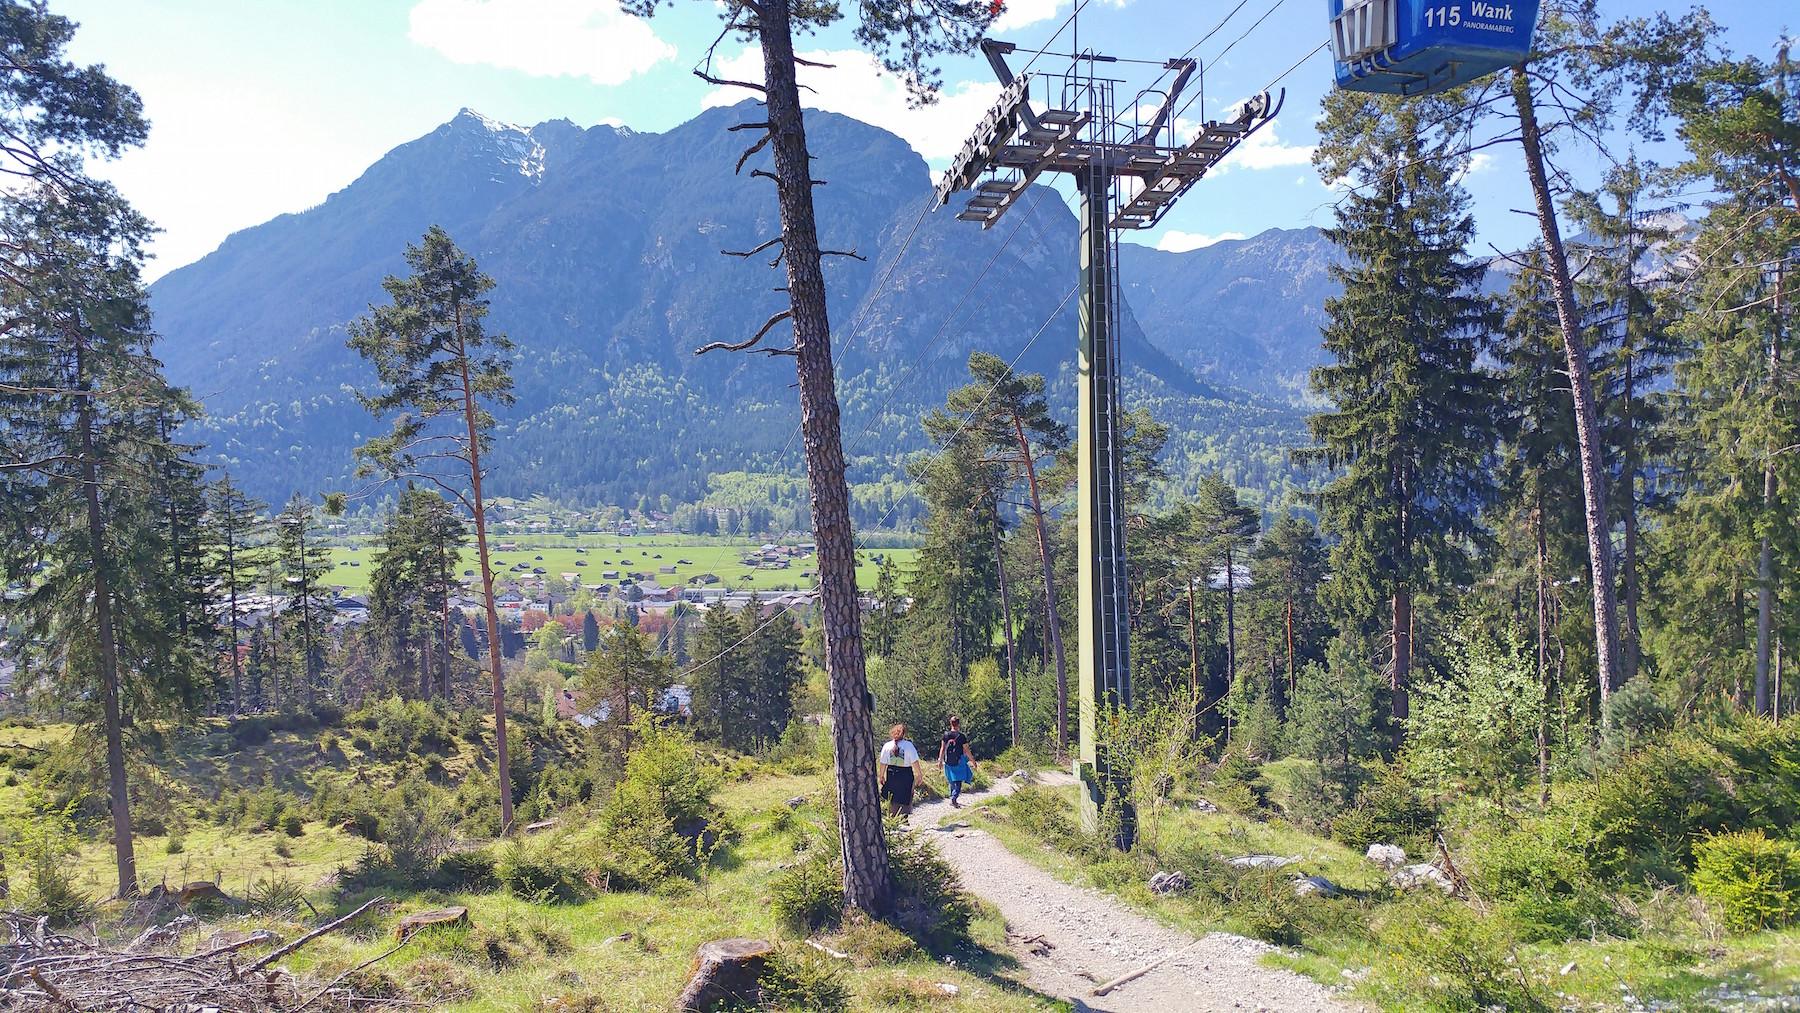 wank-garmisch-partenkirchen-abstieg